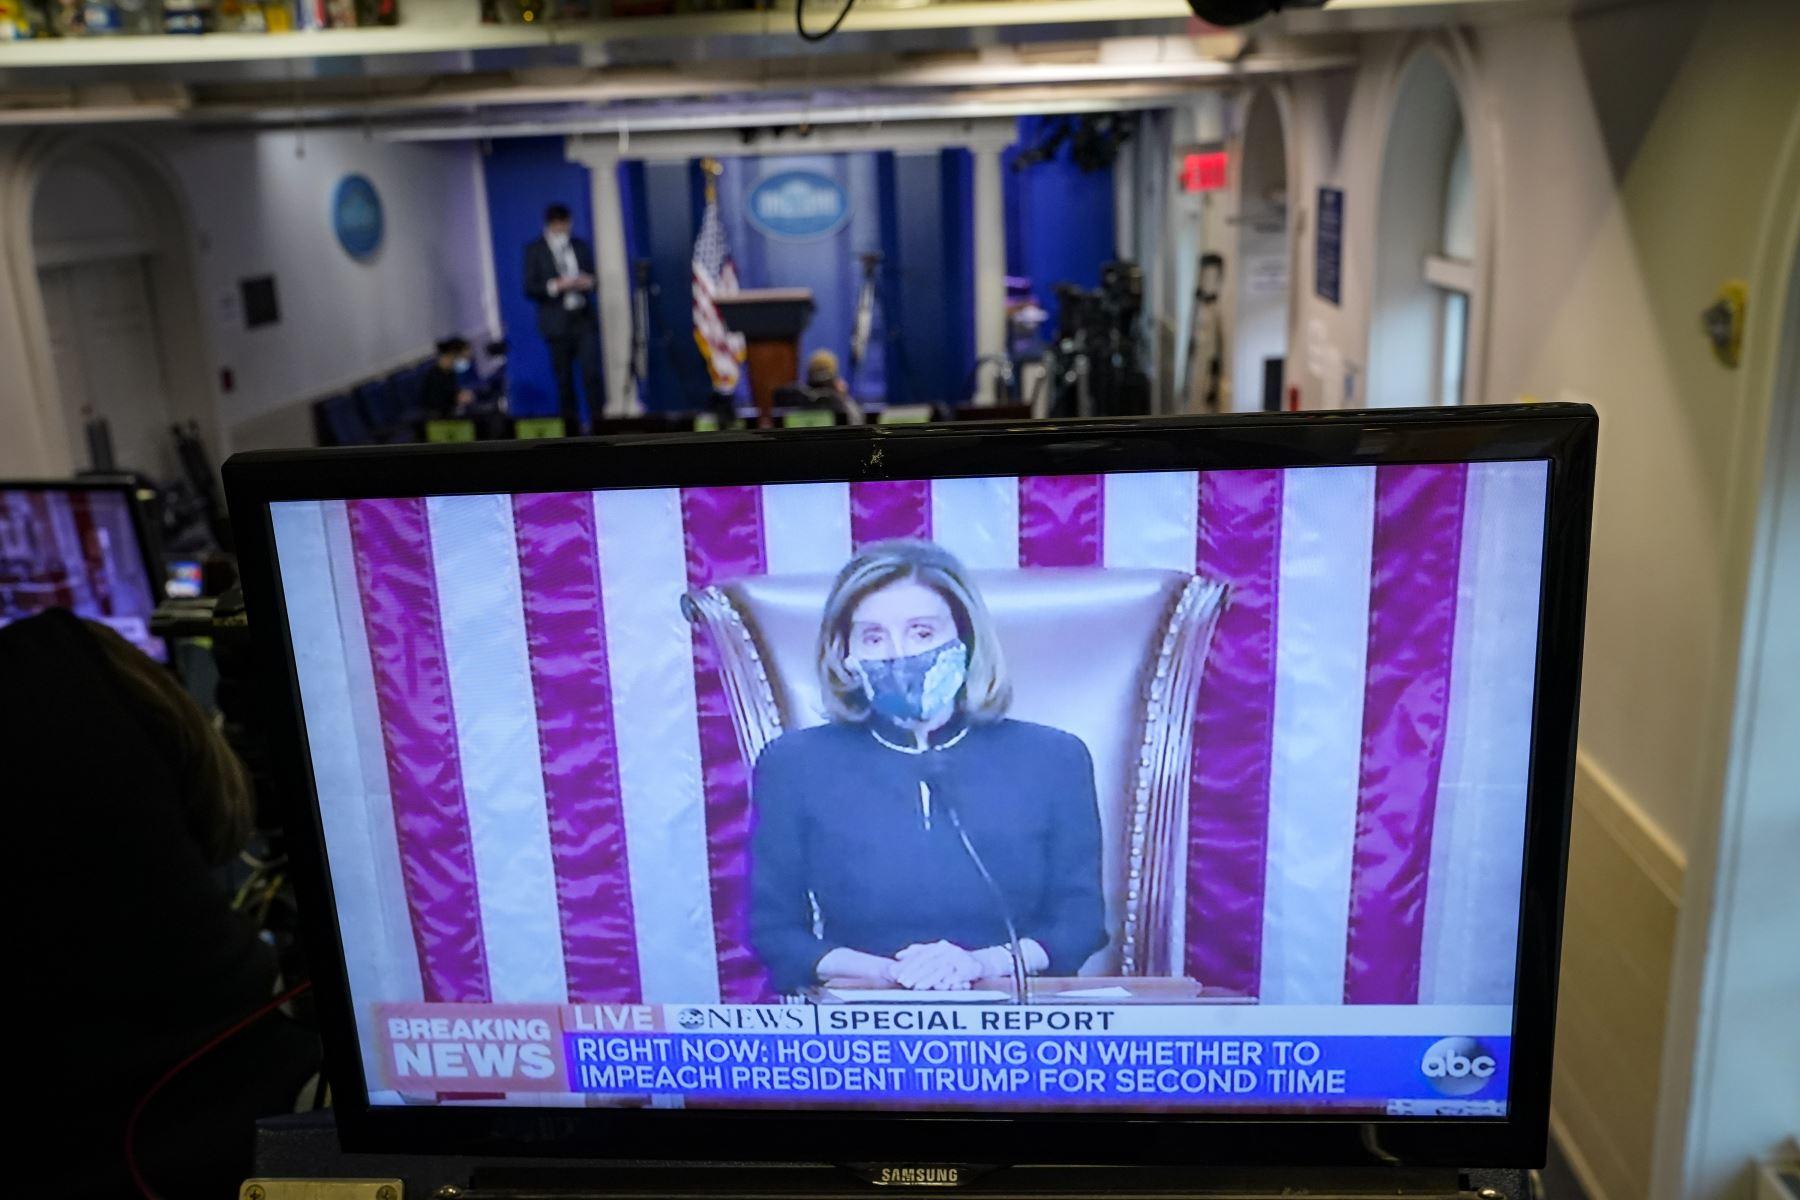 Imagen en una transmisión de televisión dentro de la Sala de conferencias de prensa de la Casa Blanca, la presidenta de la Cámara de Representantes, Nancy Pelosi, preside mientras la Cámara de Representantes de Estados Unidos vota sobre el juicio político del presidente de Estados Unidos, contra Donald Trump. Foto: AFP